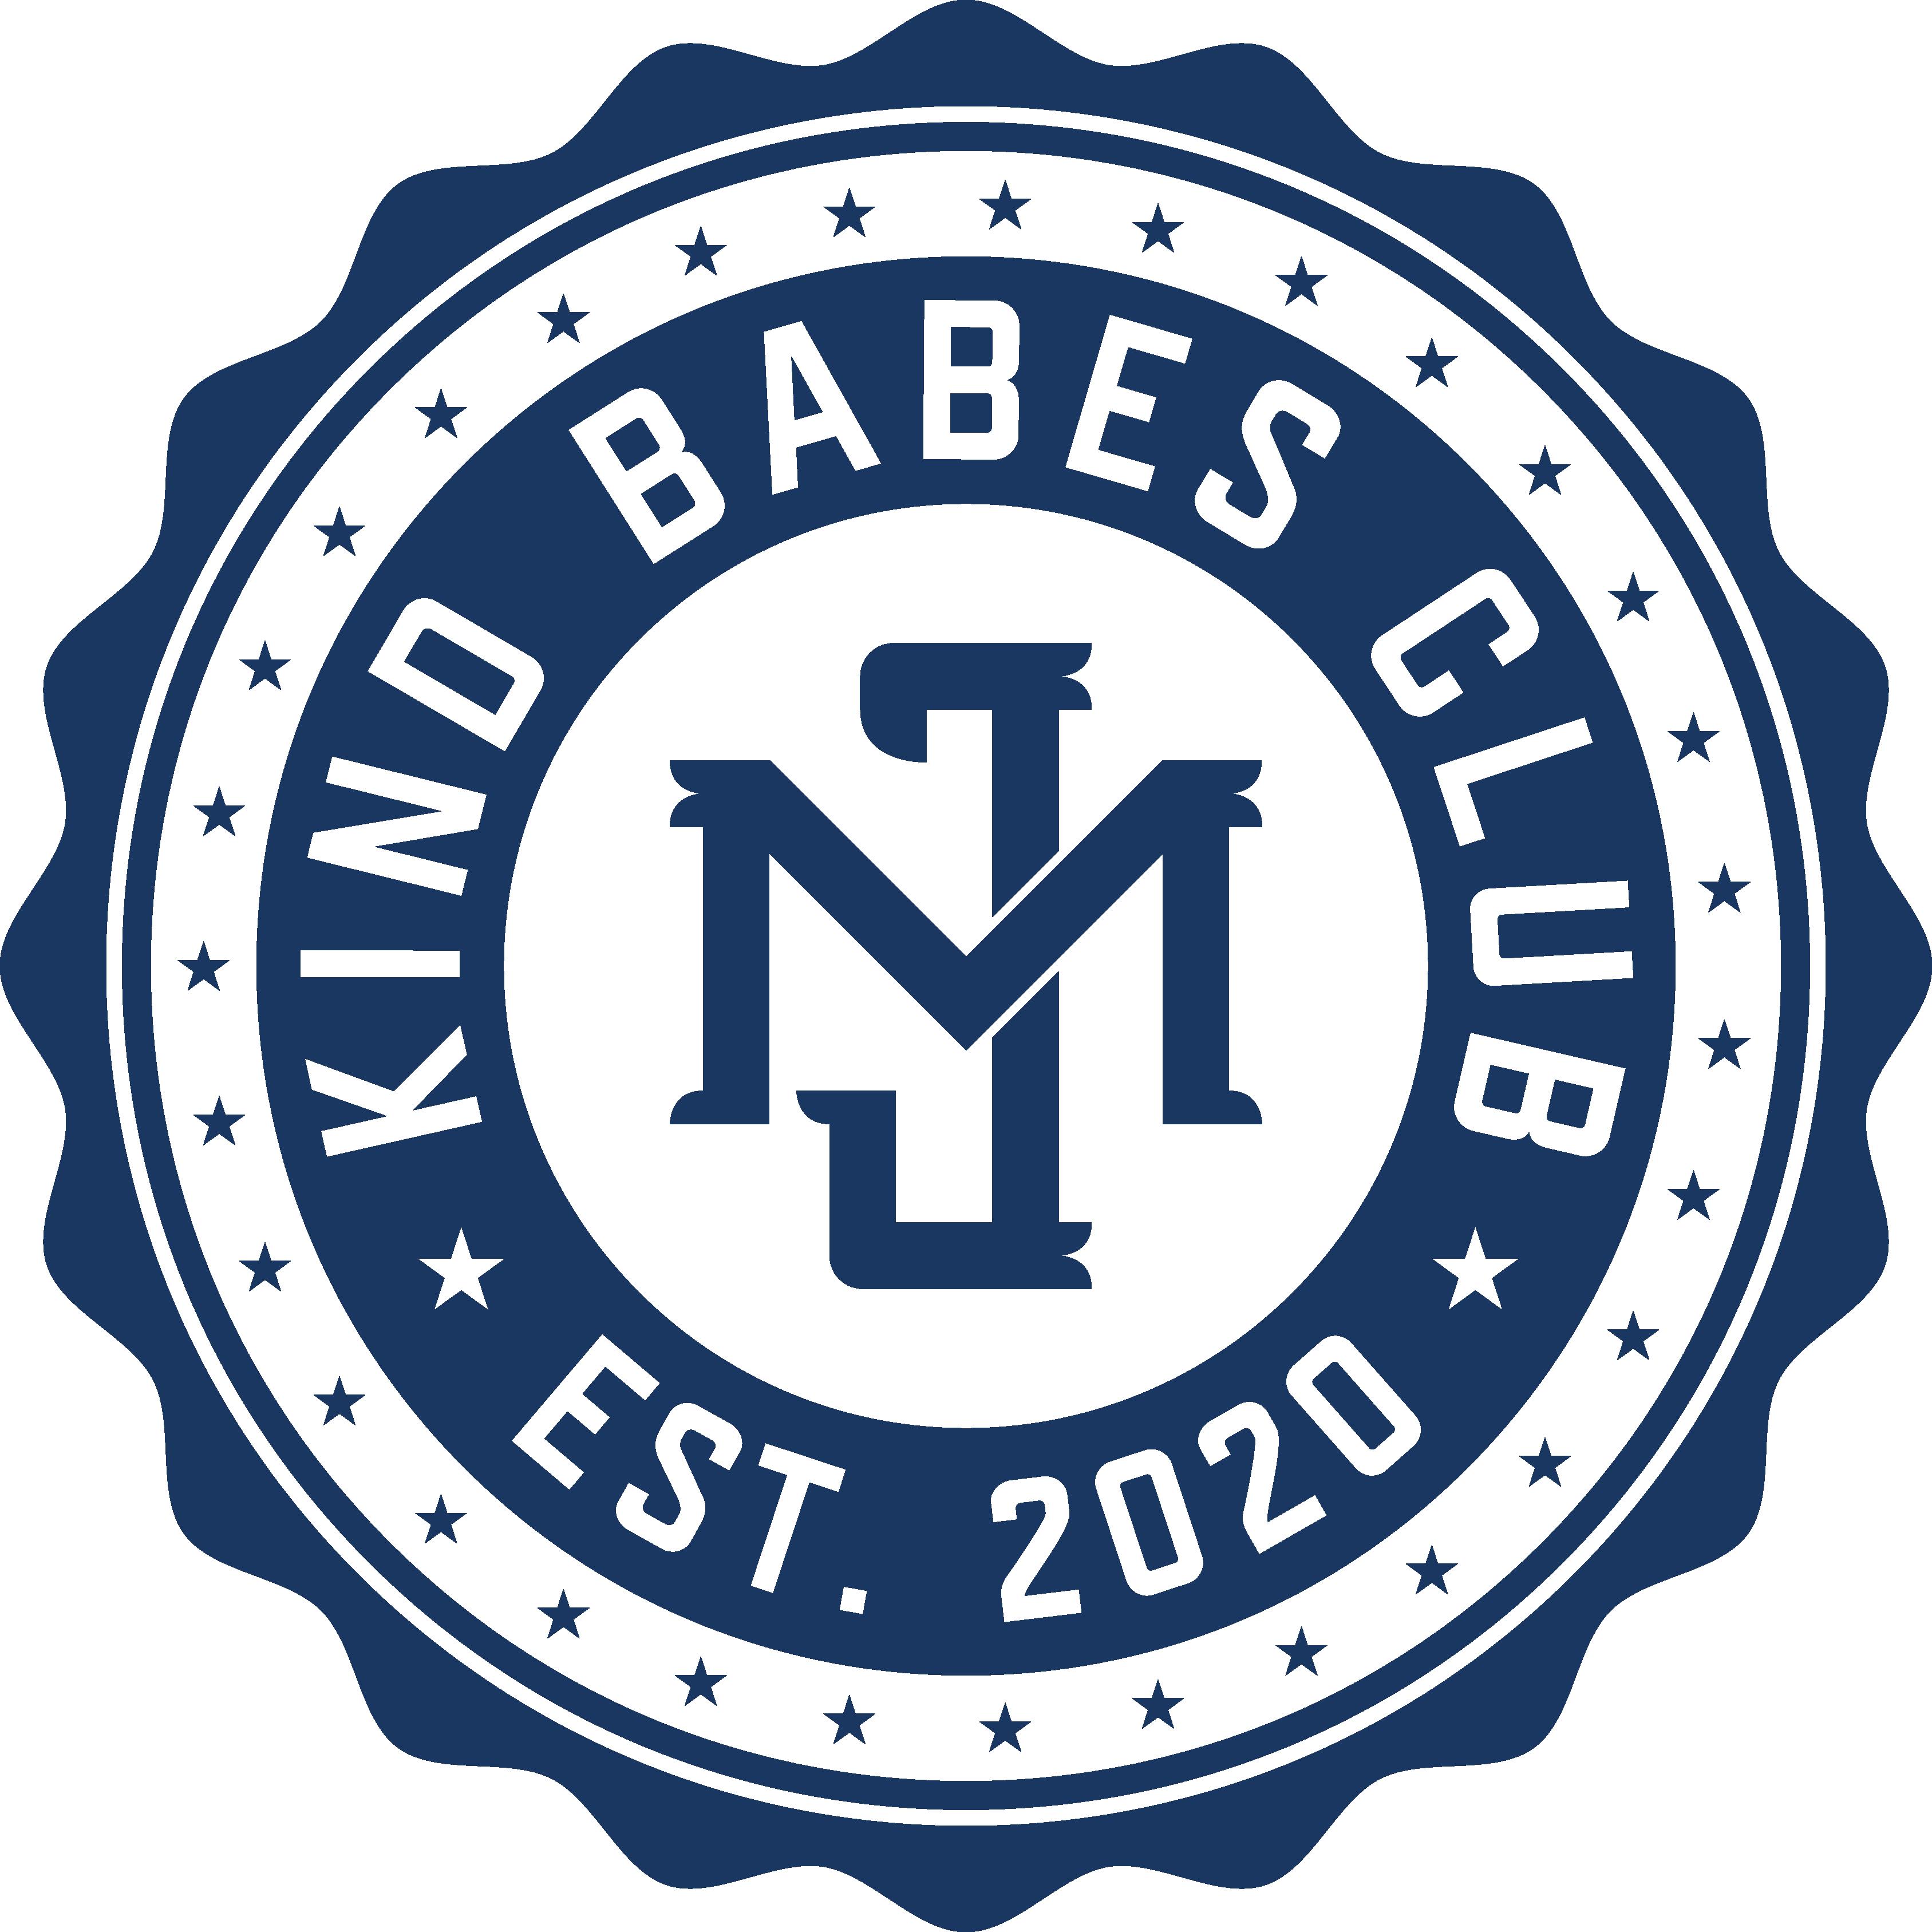 Vintage Varsity Emblem for Kind Babes Club Hoodie